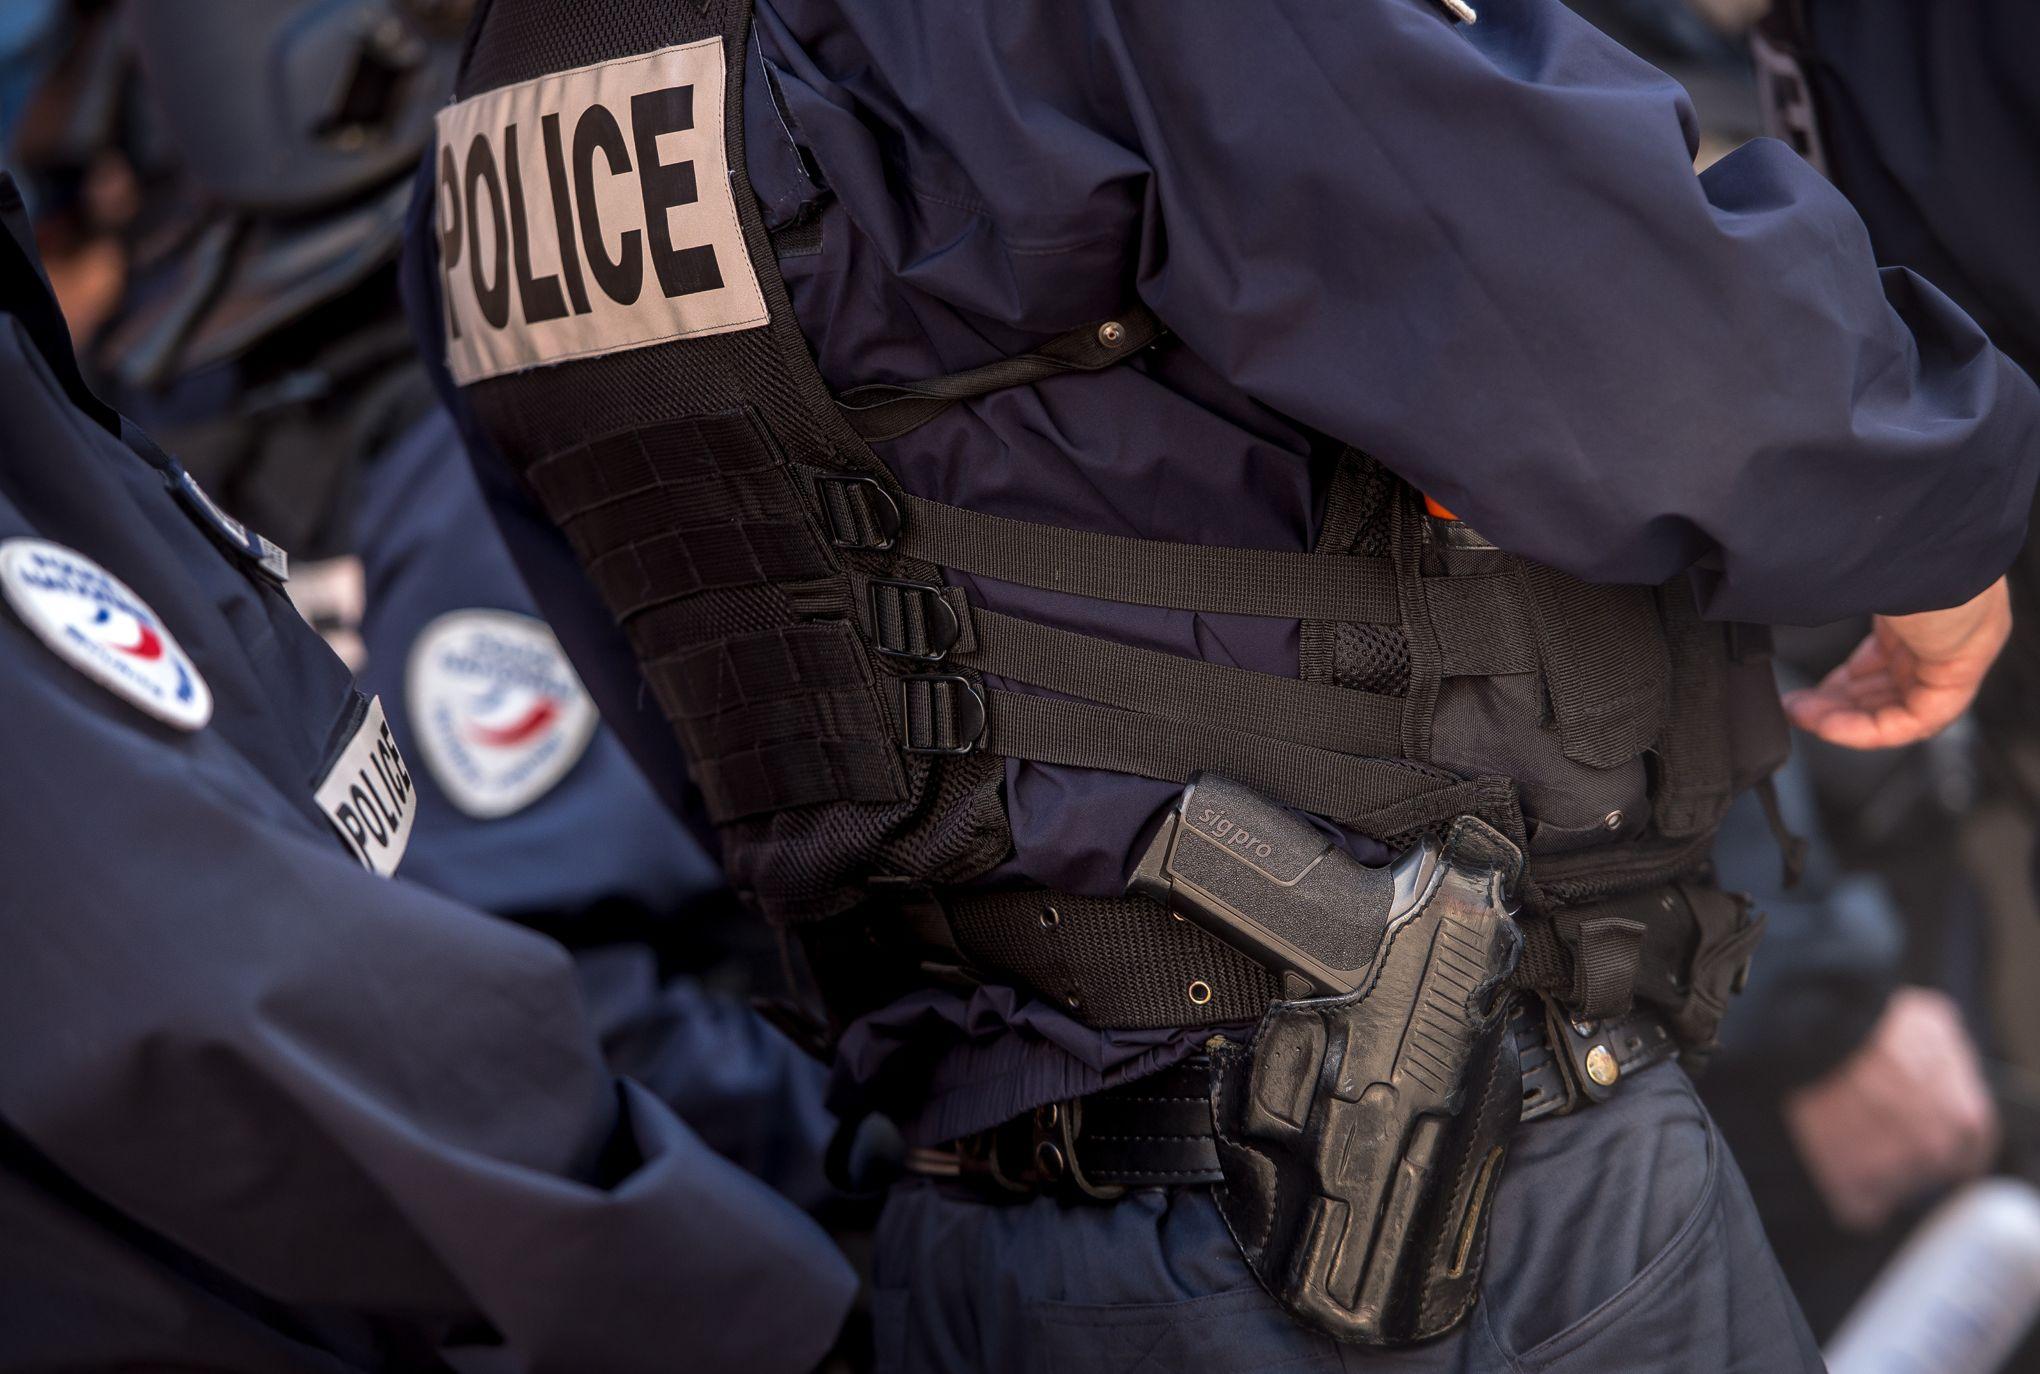 La police homosexuelle de Humberside